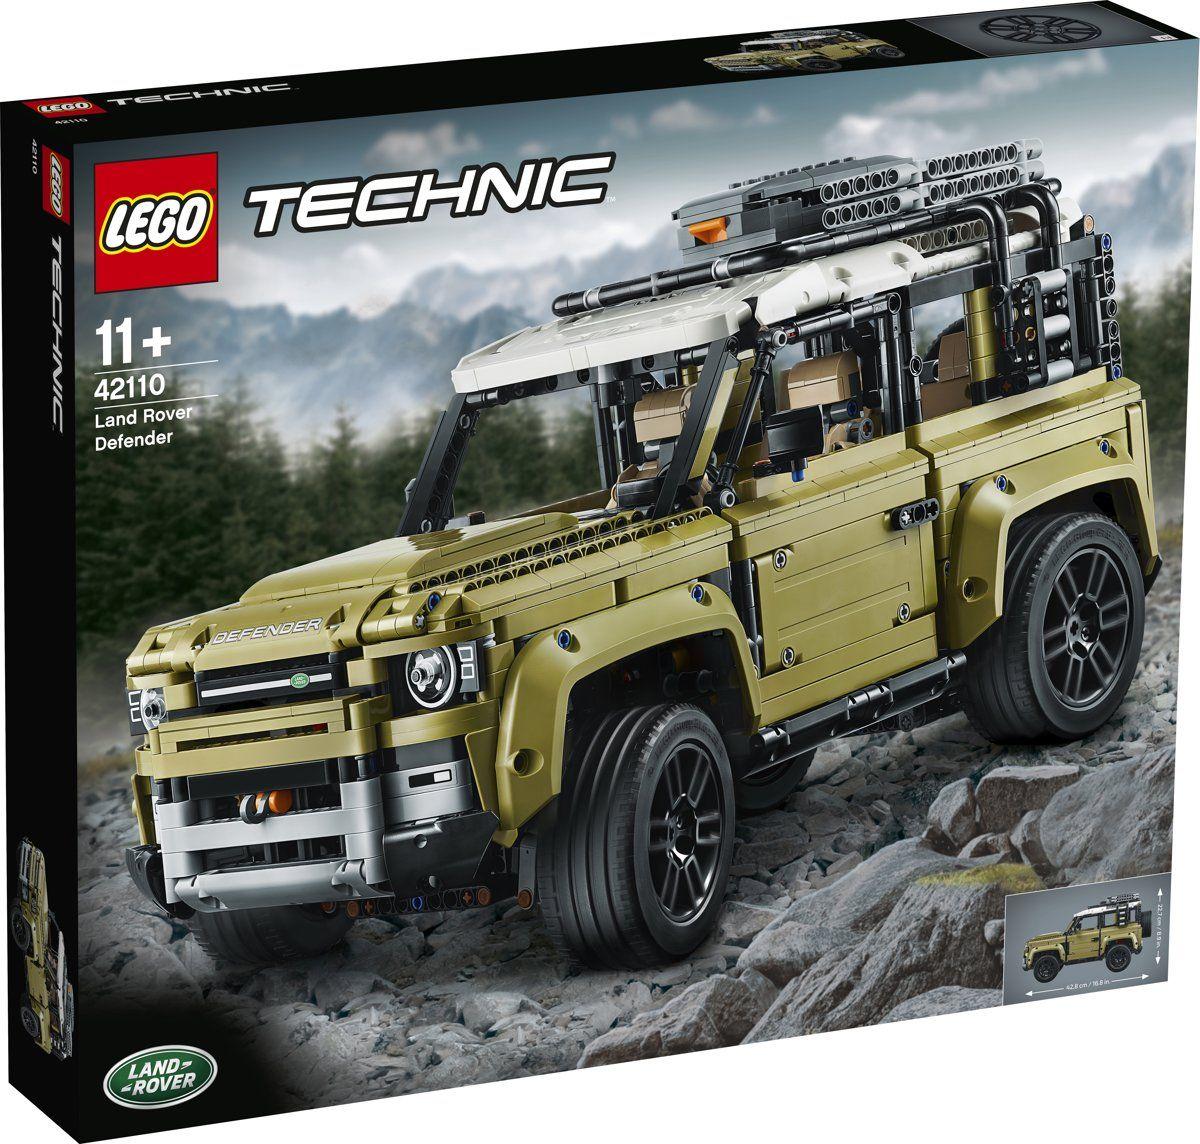 Sélection de Jeux de Construction Lego Technic en Promotion - Ex: Land Rover Defender 42110